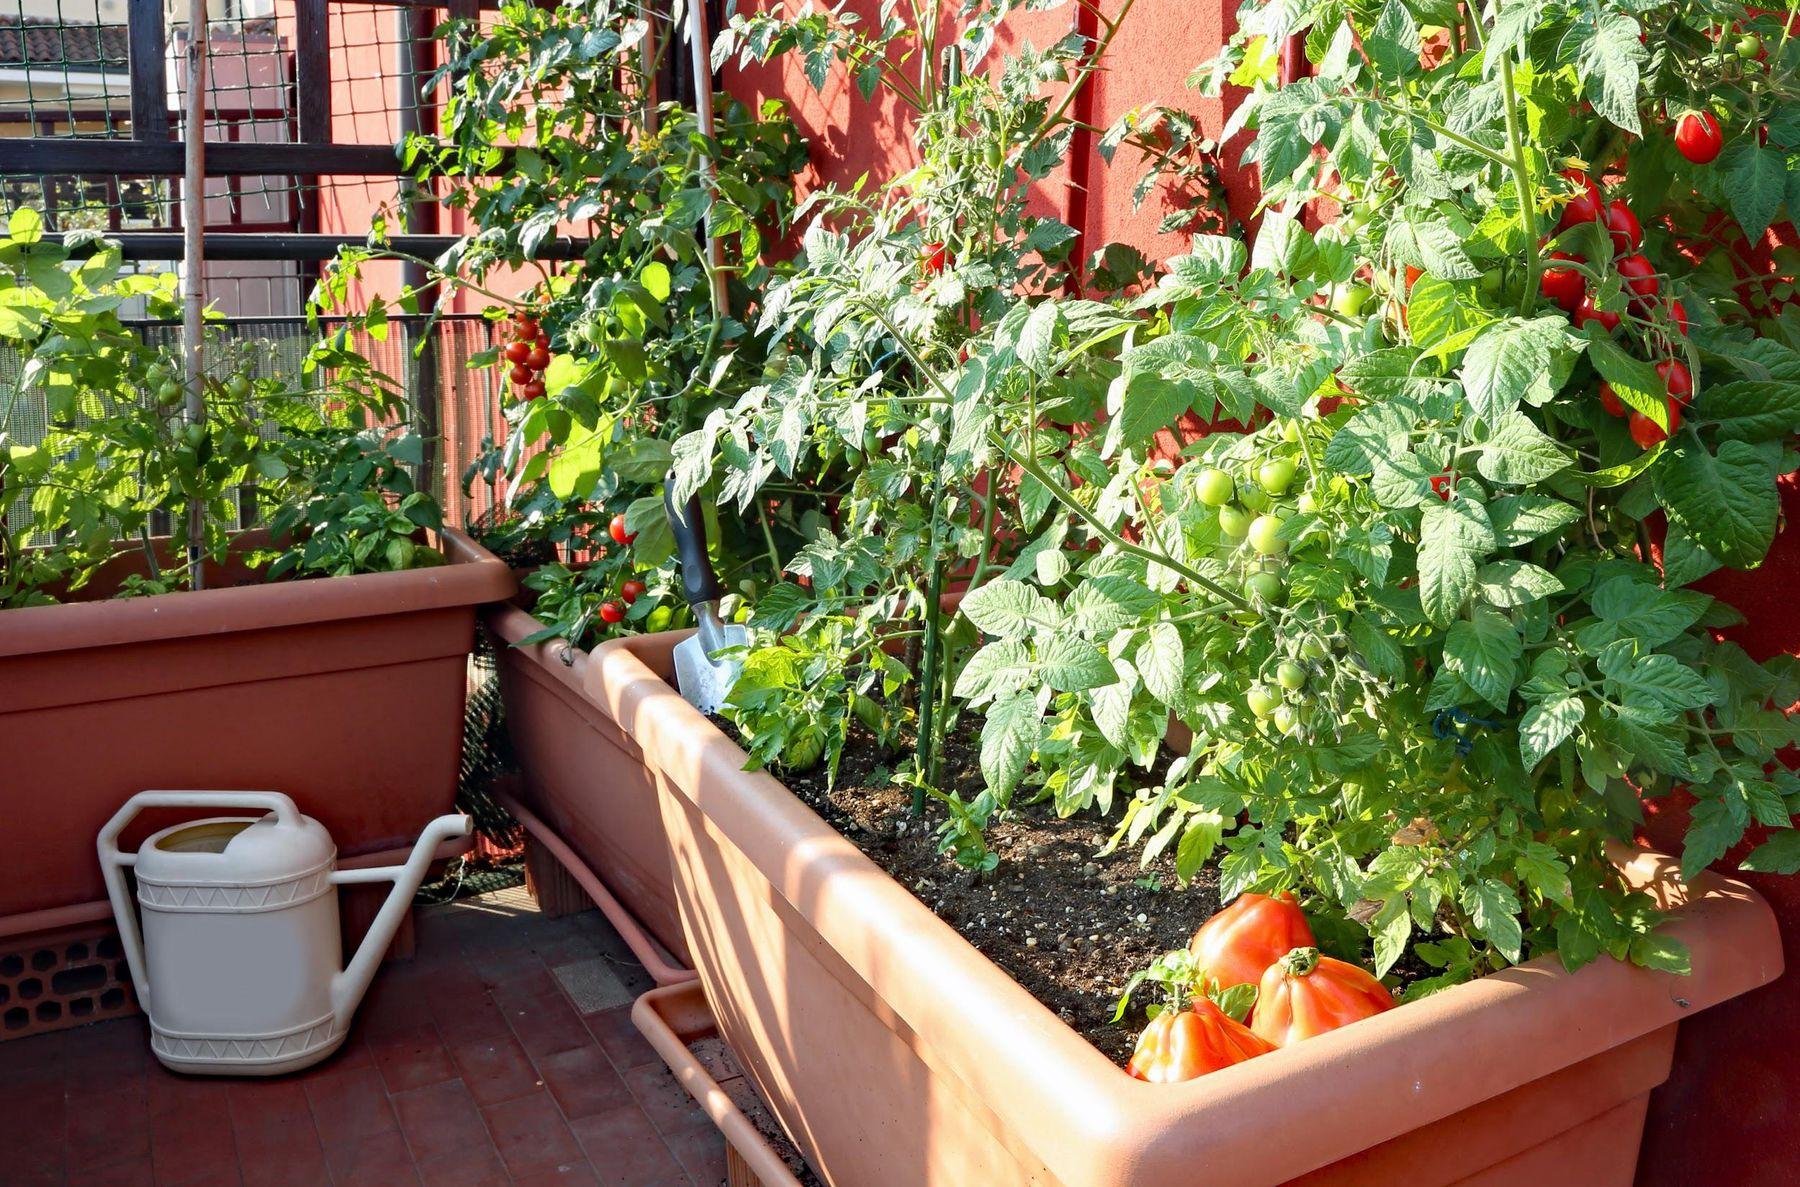 Step 2: Horta com tomates em vasos na varanda